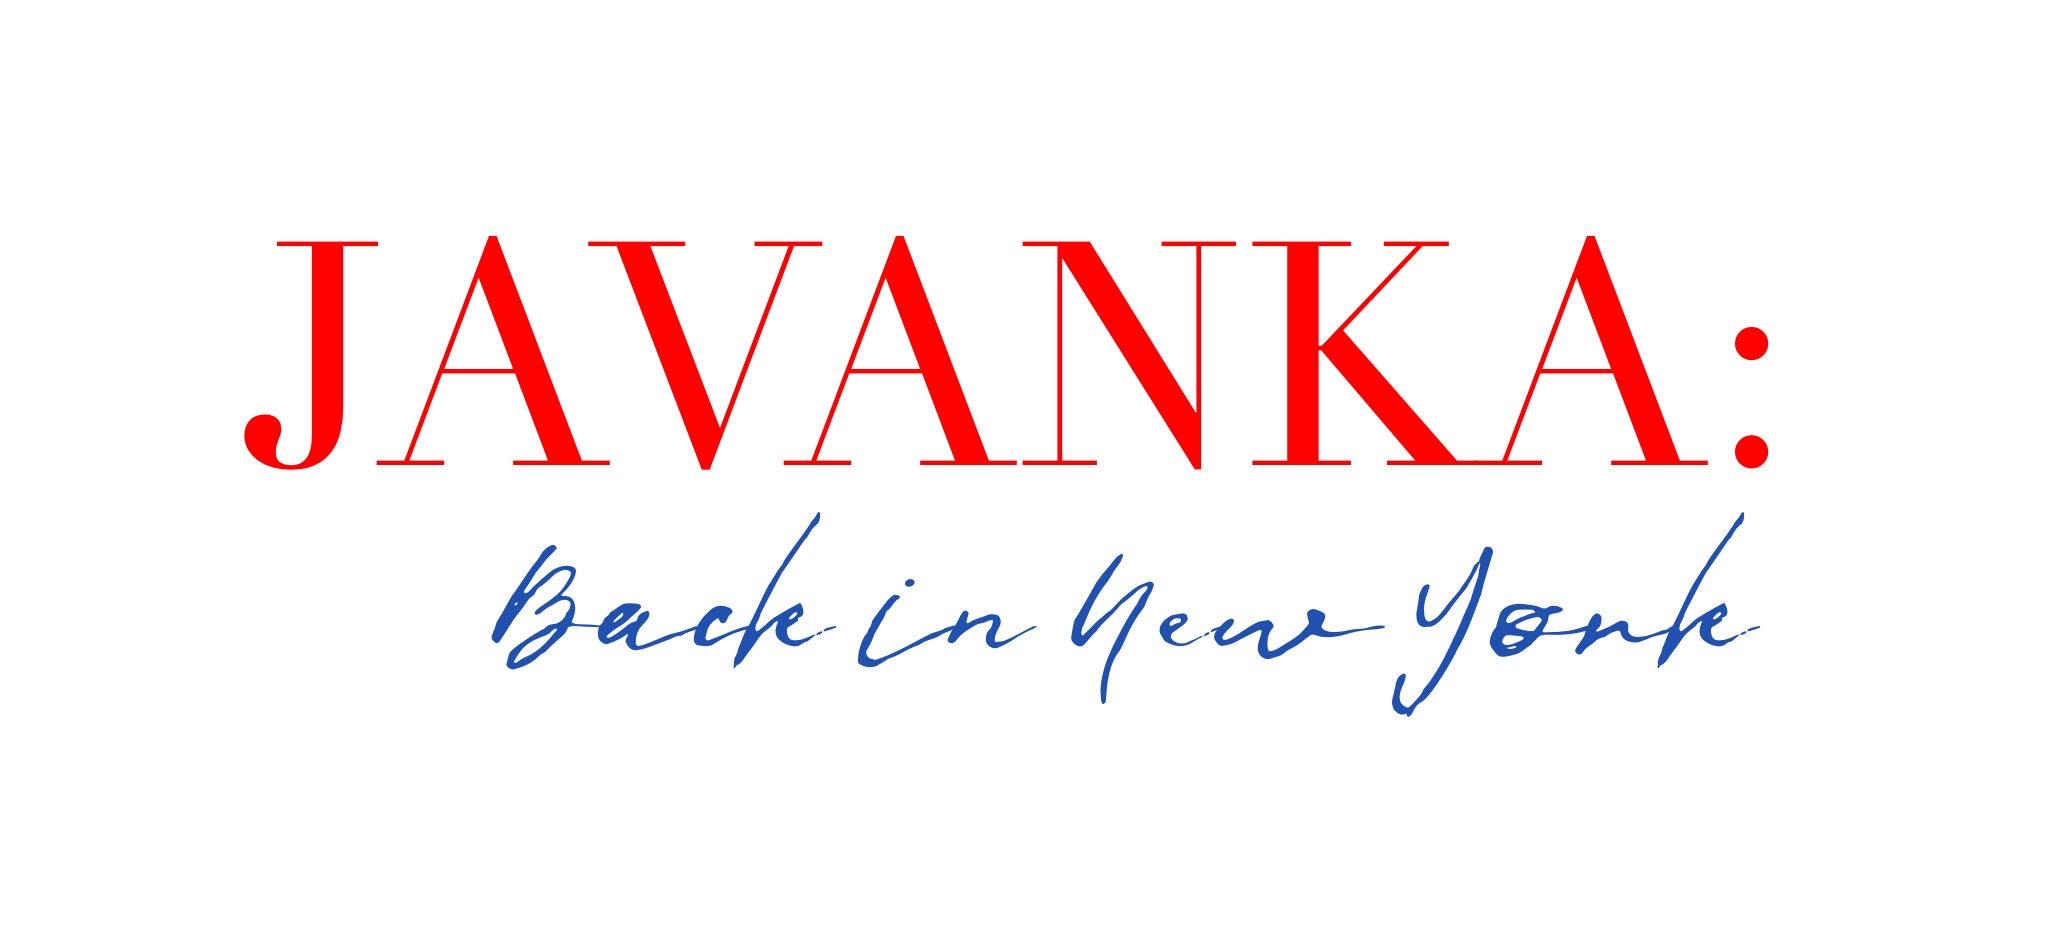 Javanka Back in New York logo.jpg